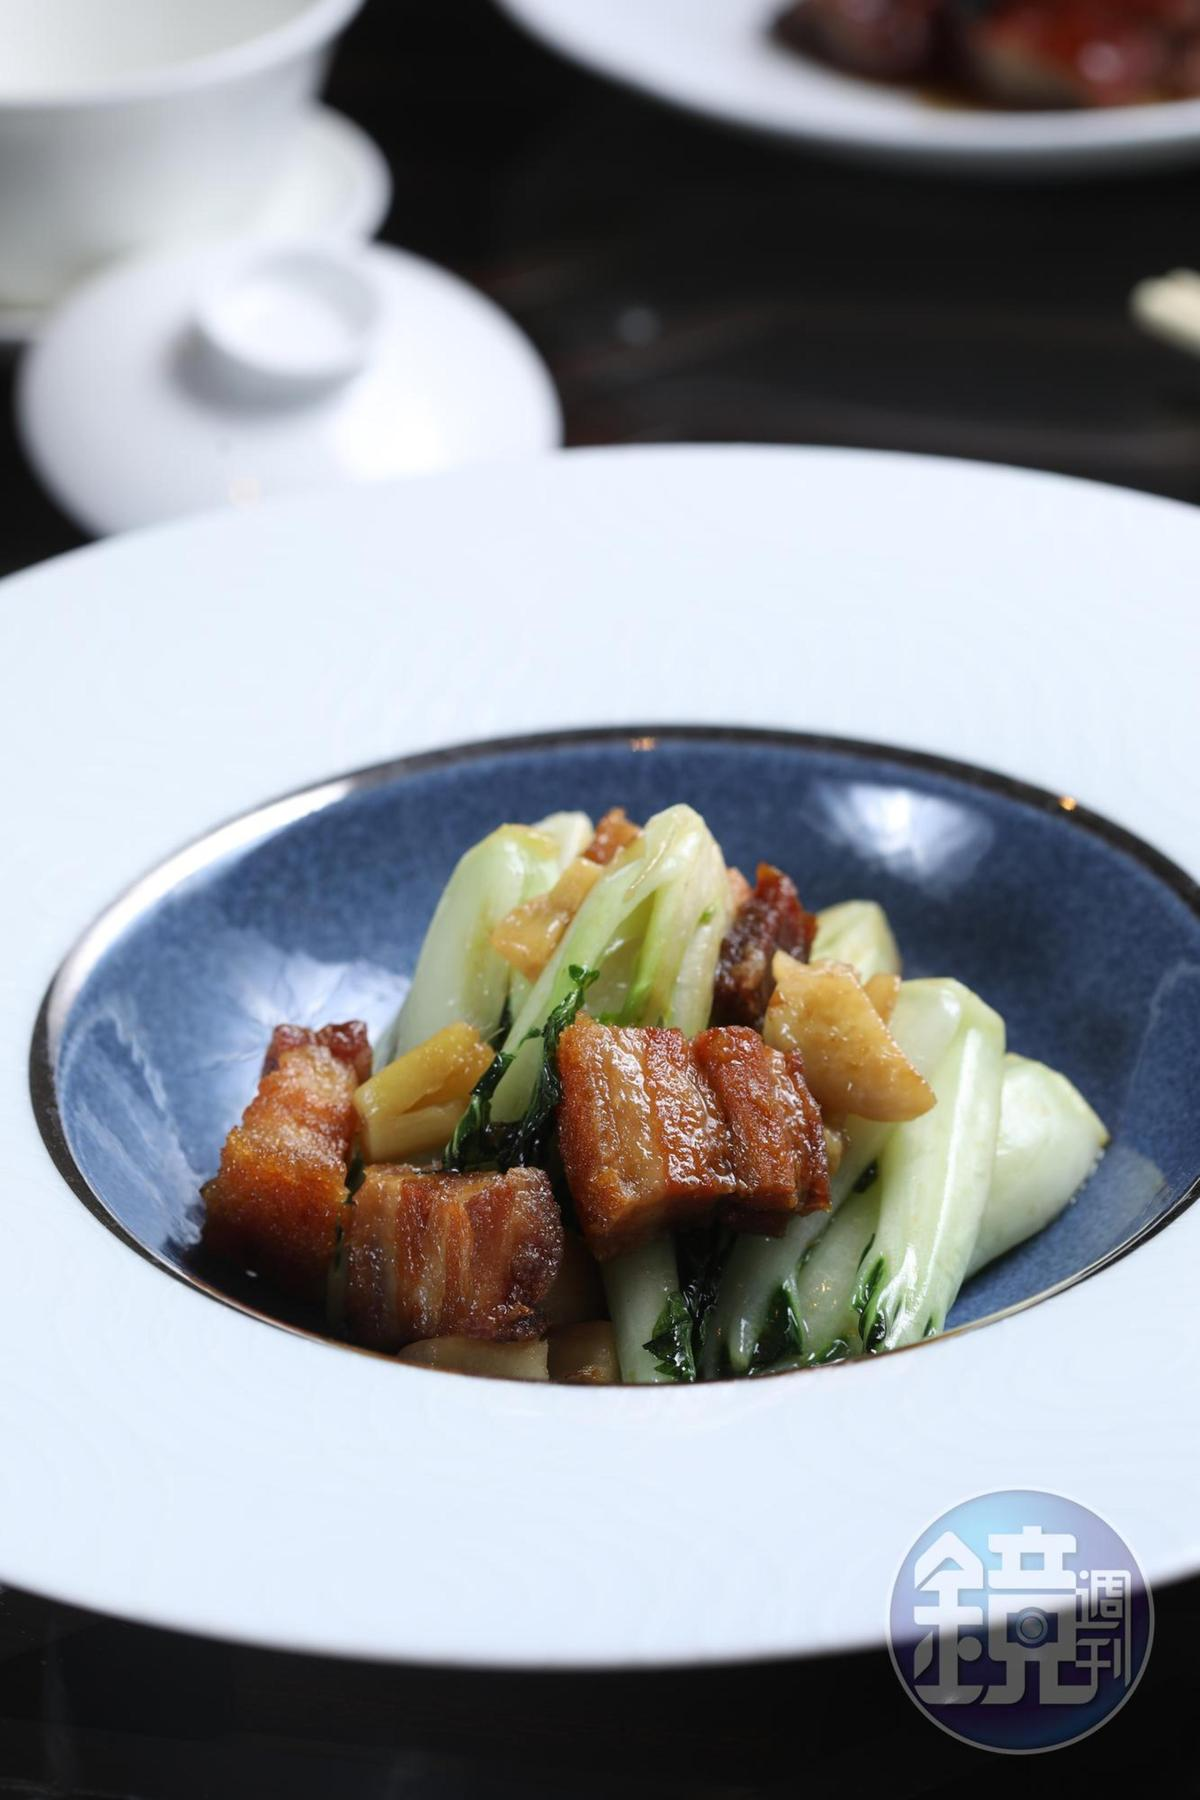 簡單的一道「拍蒜火腩生炒奶白菜」,鑊氣十足,很能看出掌杓者的功力。(28歐元/份,約NT$1,002)